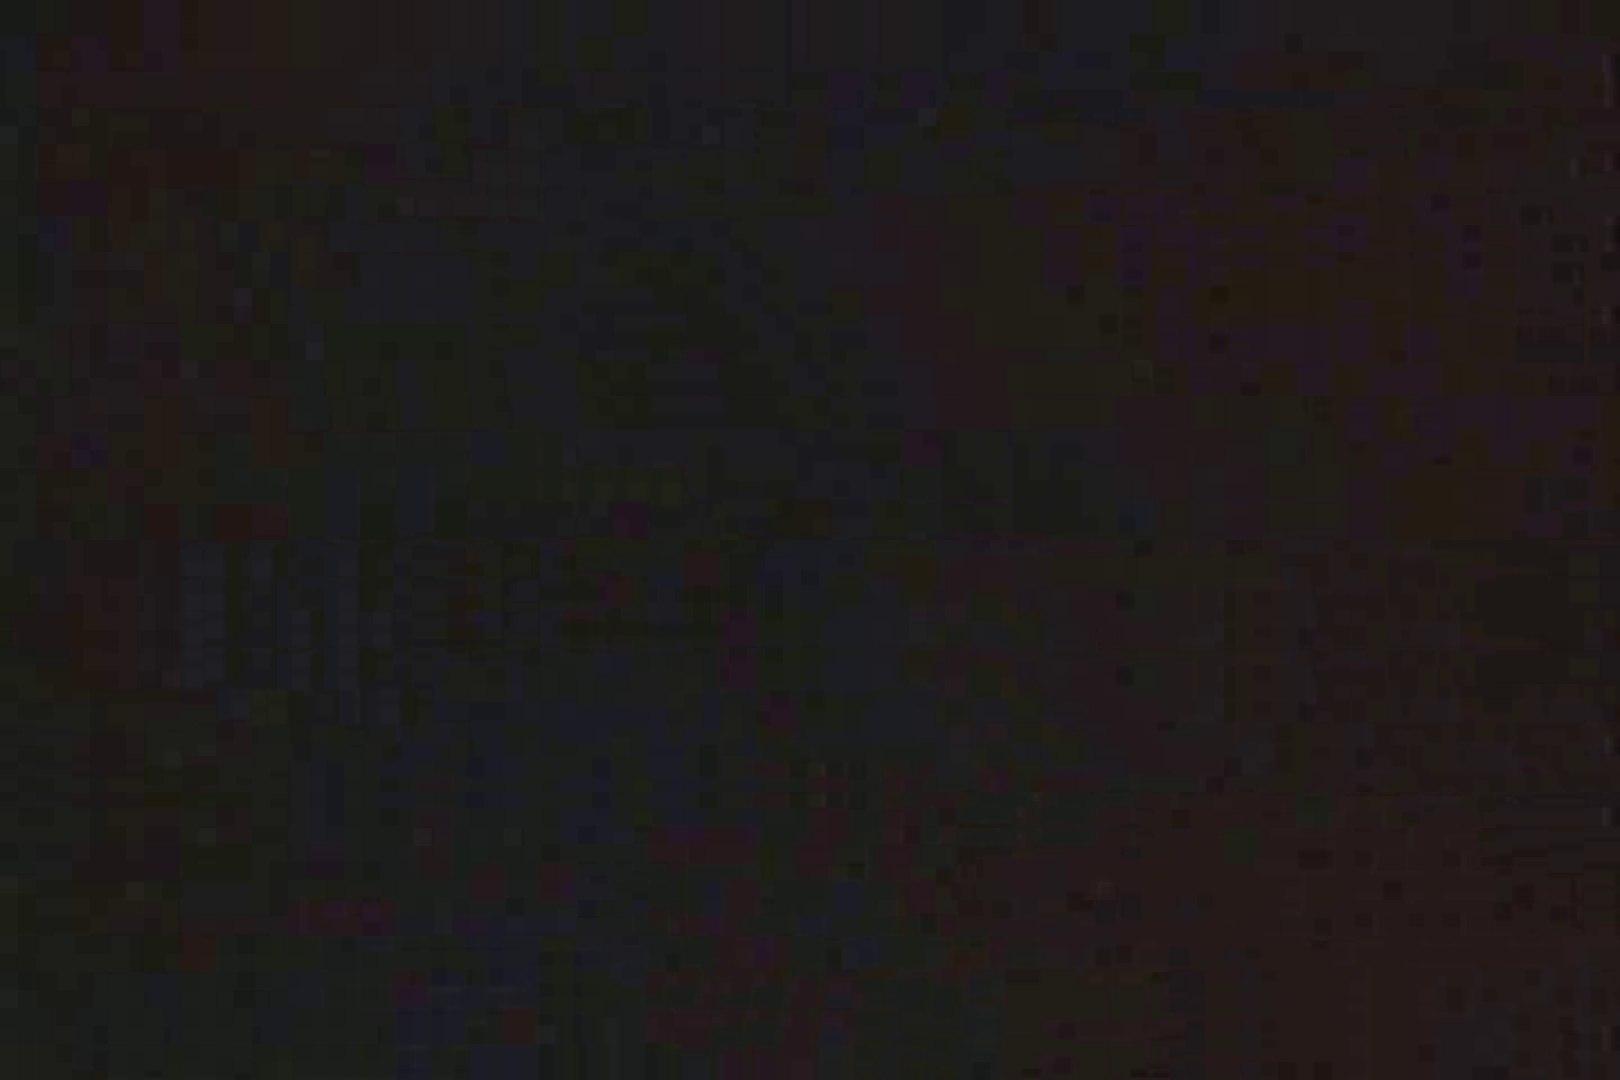 「ちくりん」さんのオリジナル未編集パンチラVol.1_01 独身エッチOL | チラ  92pic 24